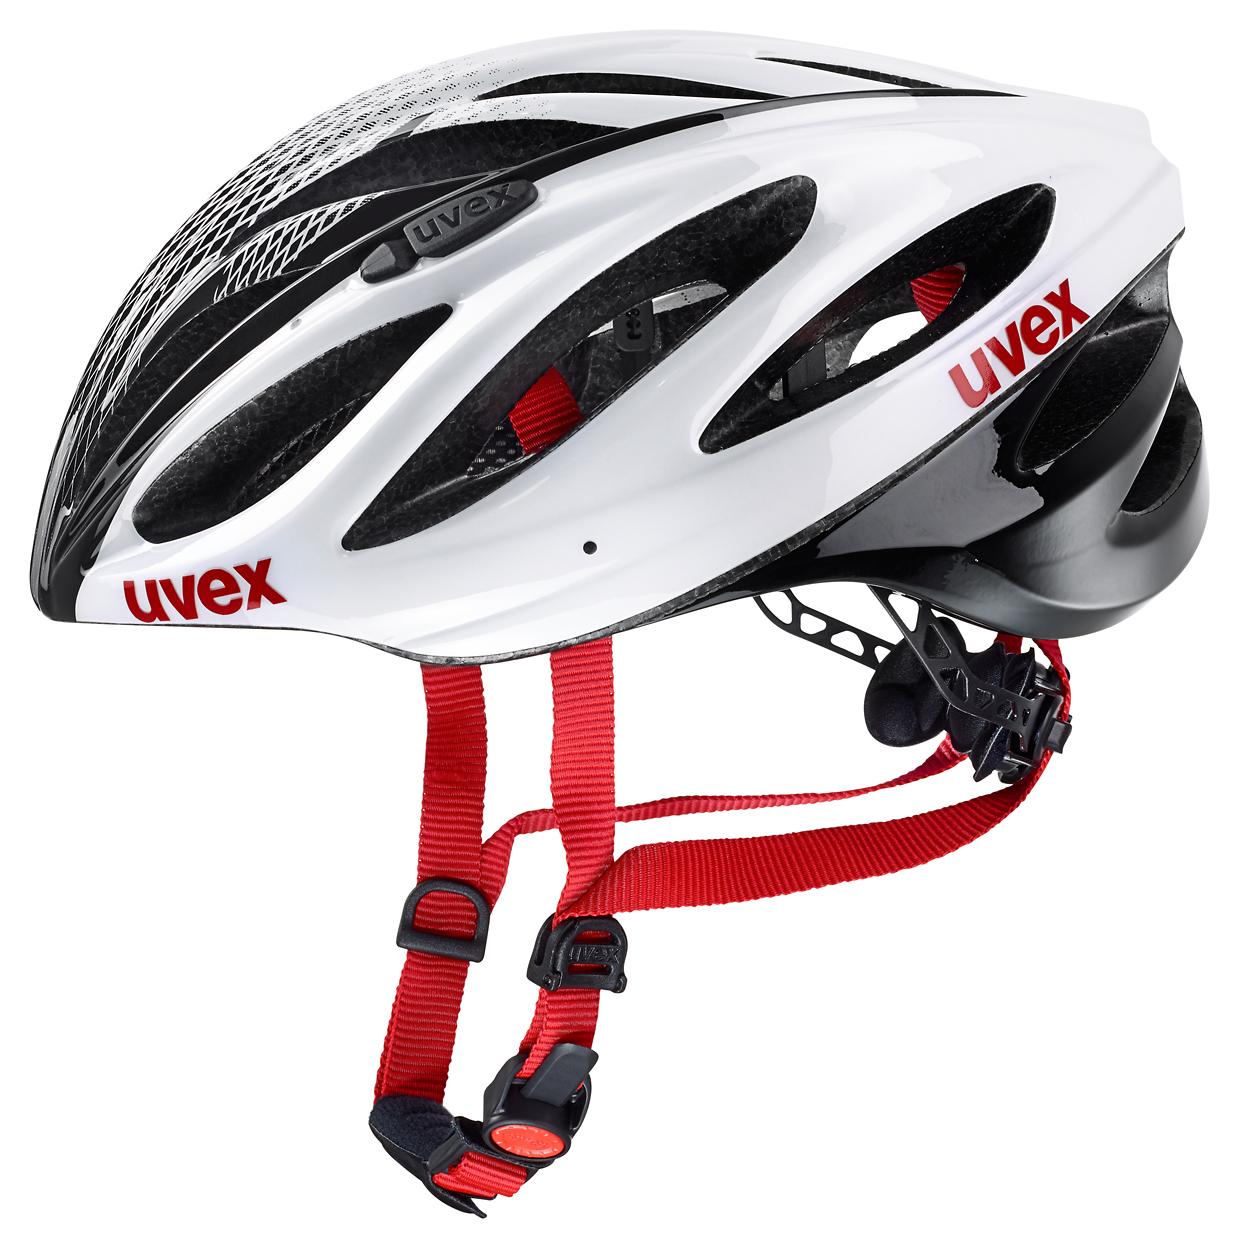 UVEX BOSS RACE, WHITE-BLACK 2016 55-60 cm